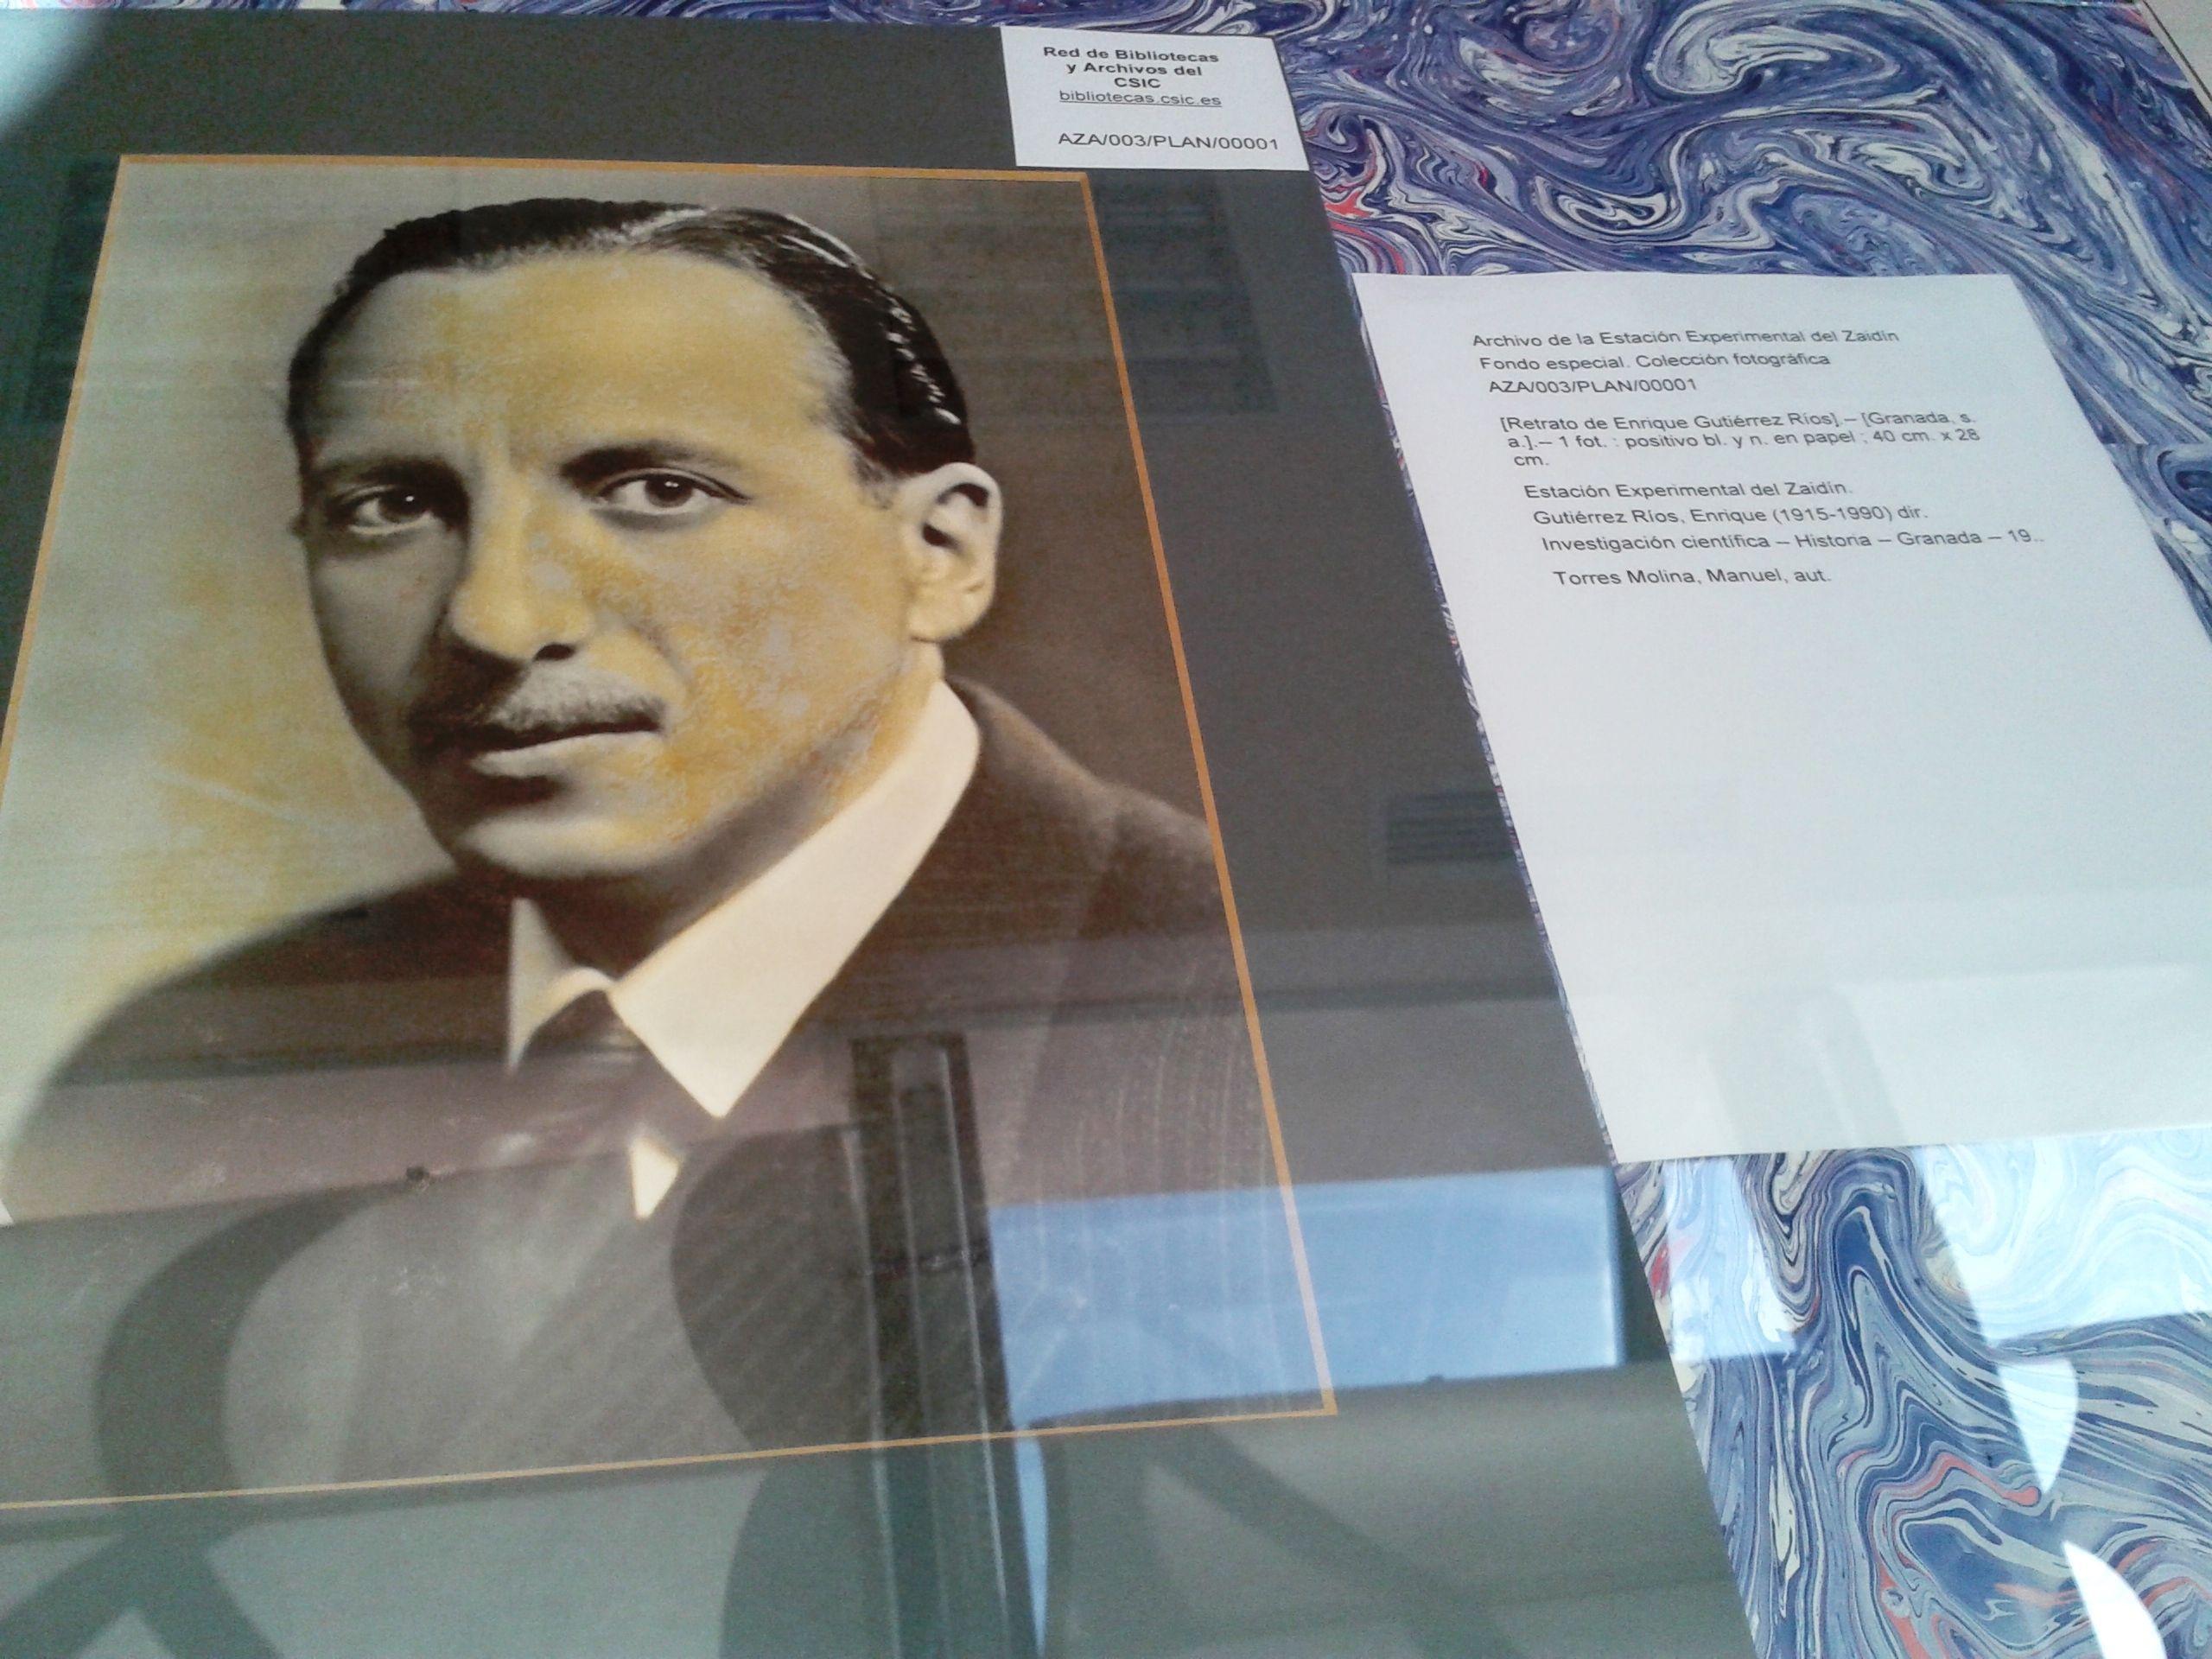 Retrato de Enrique Gutiérrez Ríos, primer director de la Estación Experimental del Zaidín AZA/003/PLAN/00001 http://aleph.csic.es/F?func=find-c&ccl_term=SYS%3D000136888&local_base=ARCHIVOS